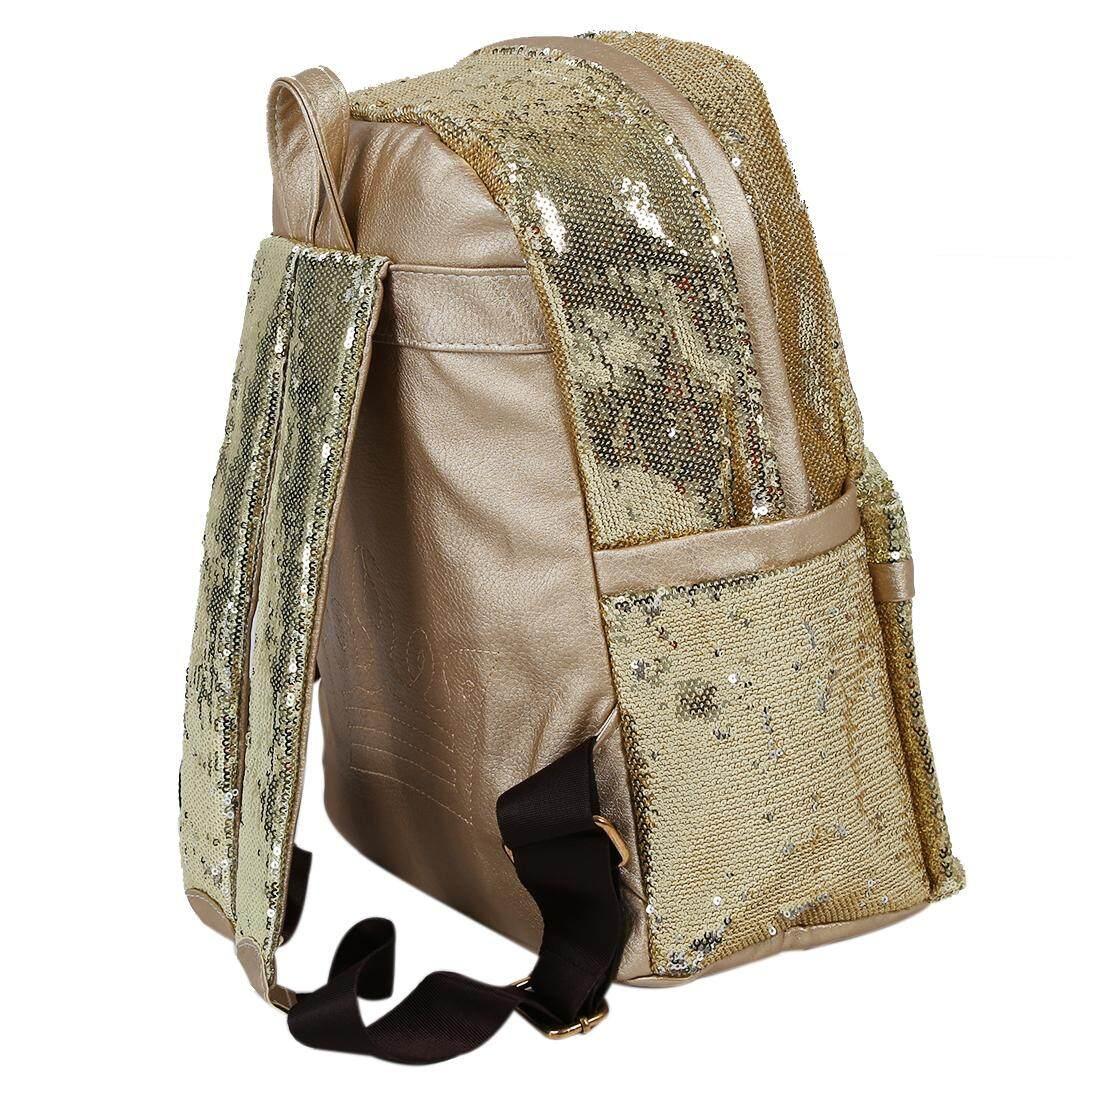 ... Wanita Mahkota Kanvas Ransel Wanita Wanita Pelajar Sekolah Perjalanan Paillette Bling Tas-Internasional - 4 ...